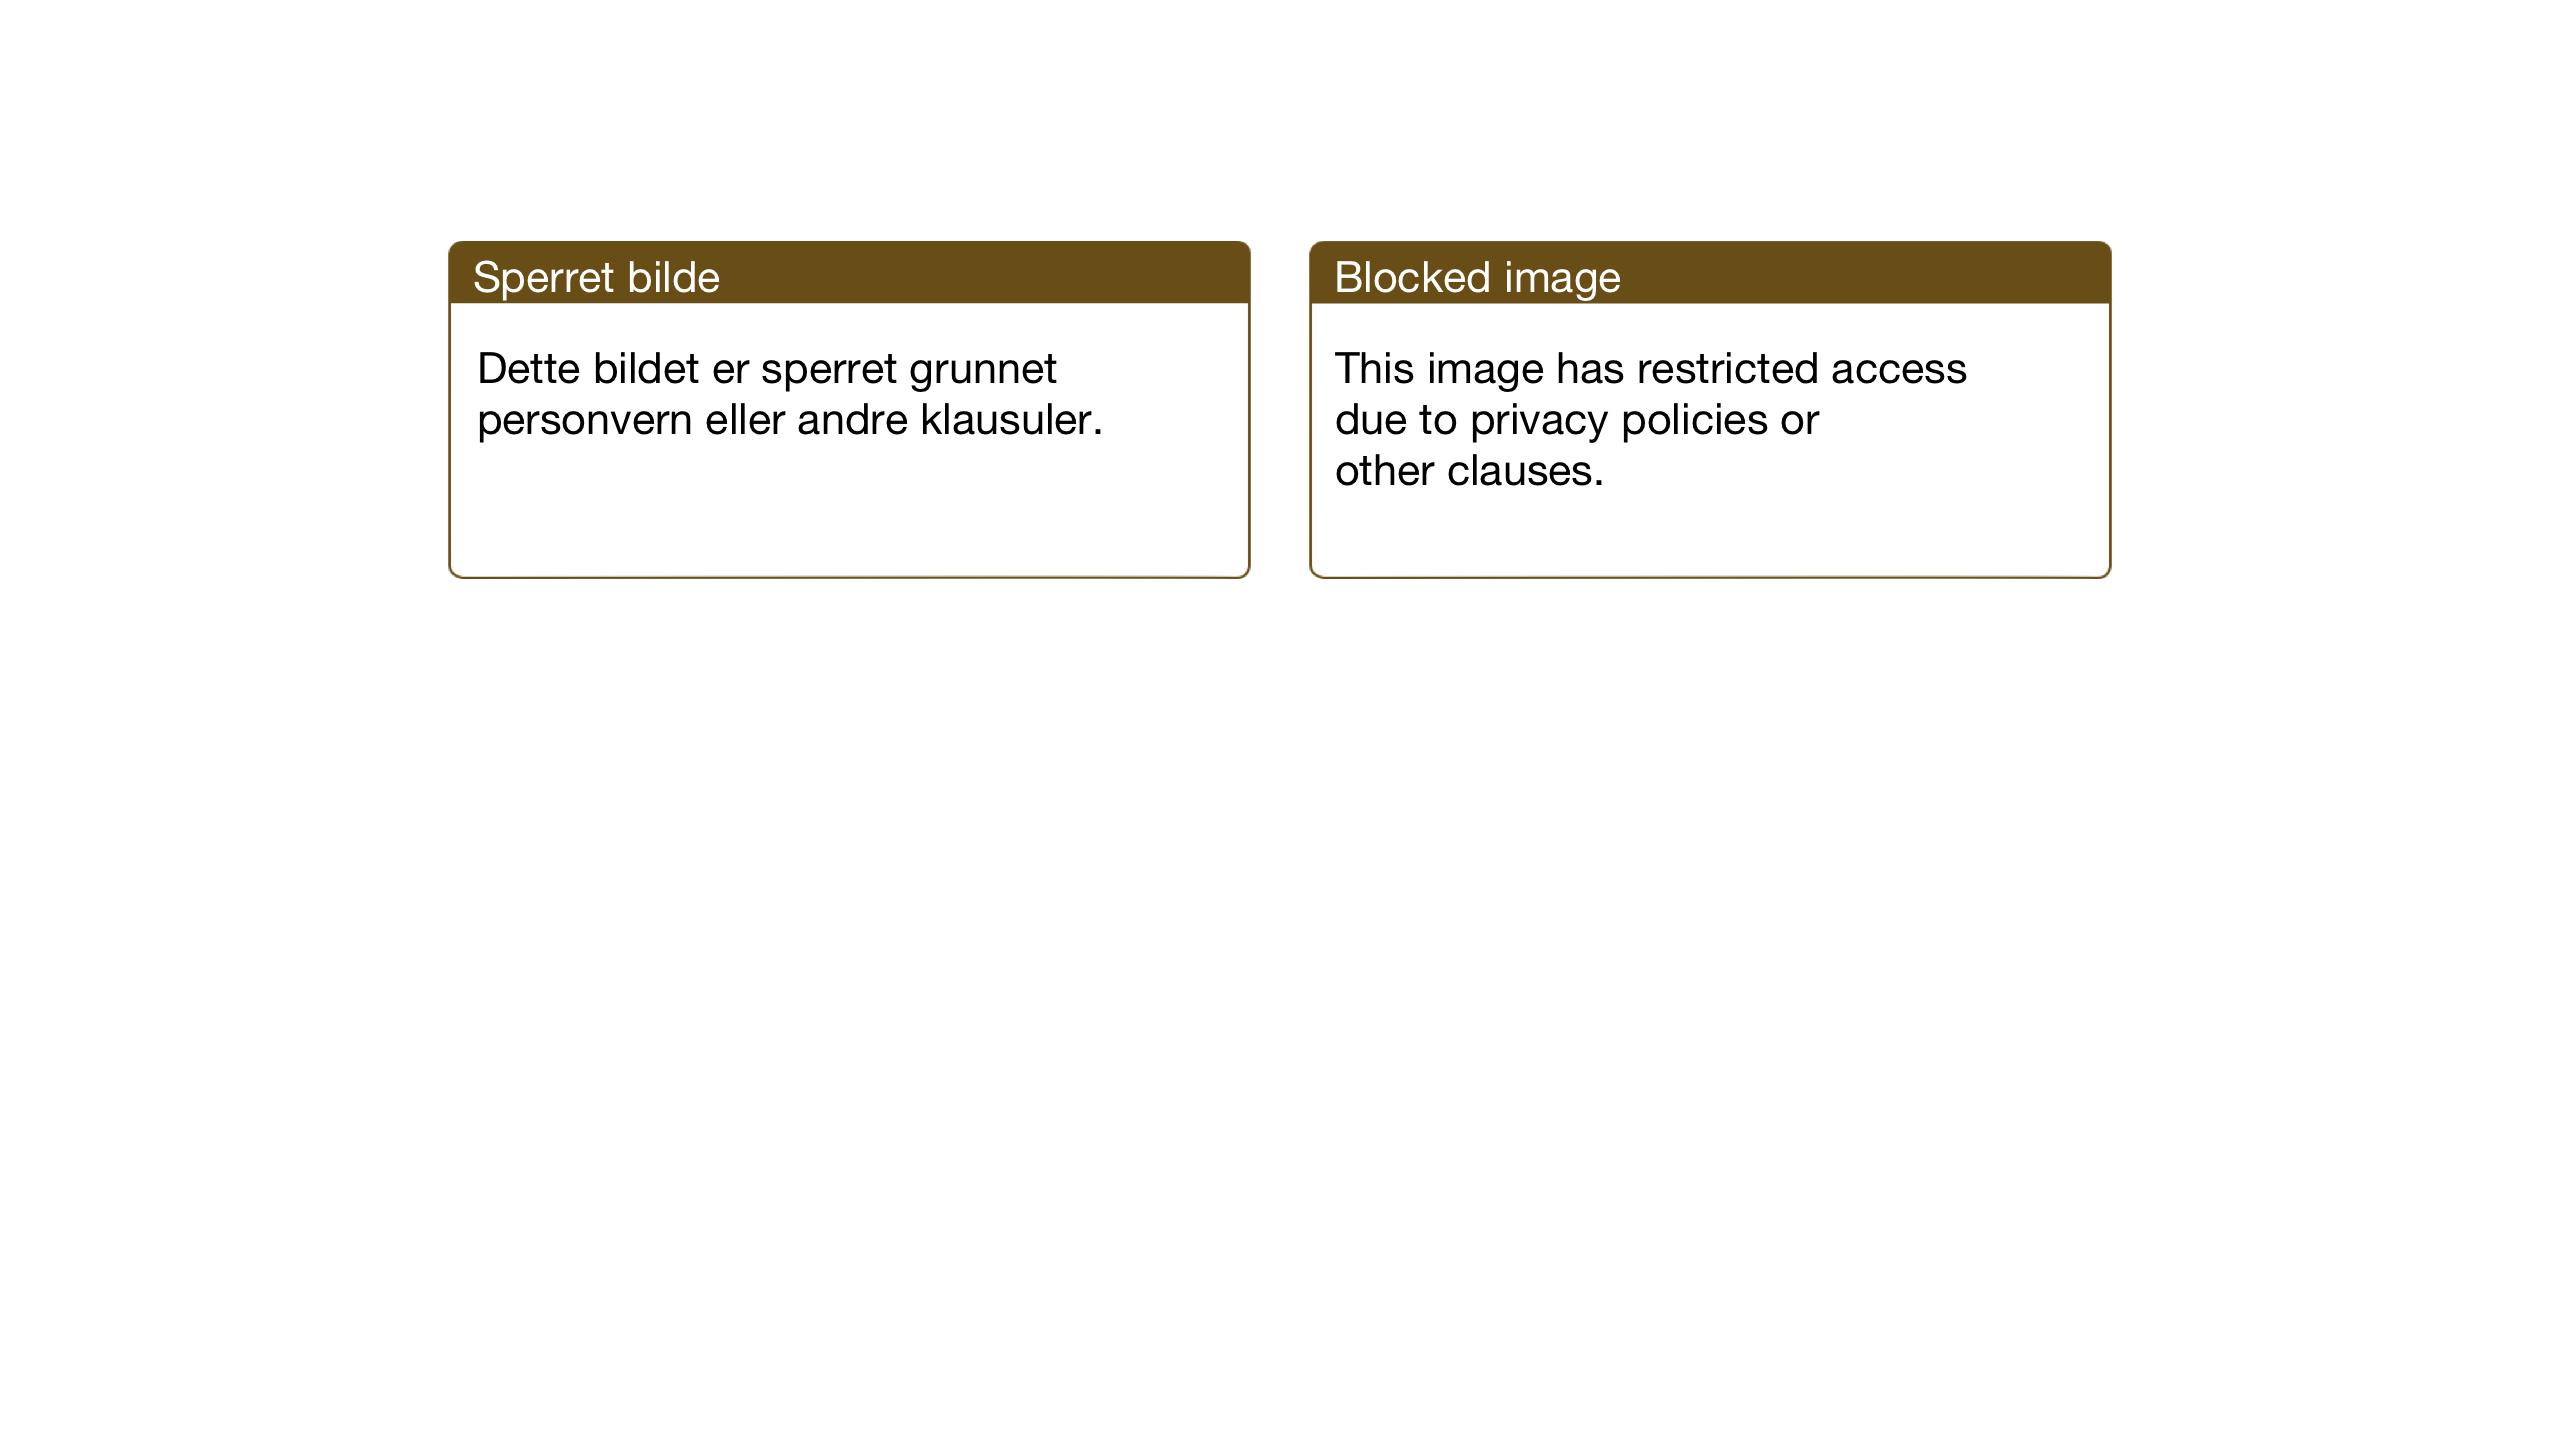 SAT, Ministerialprotokoller, klokkerbøker og fødselsregistre - Nord-Trøndelag, 770/L0592: Klokkerbok nr. 770C03, 1941-1950, s. 21